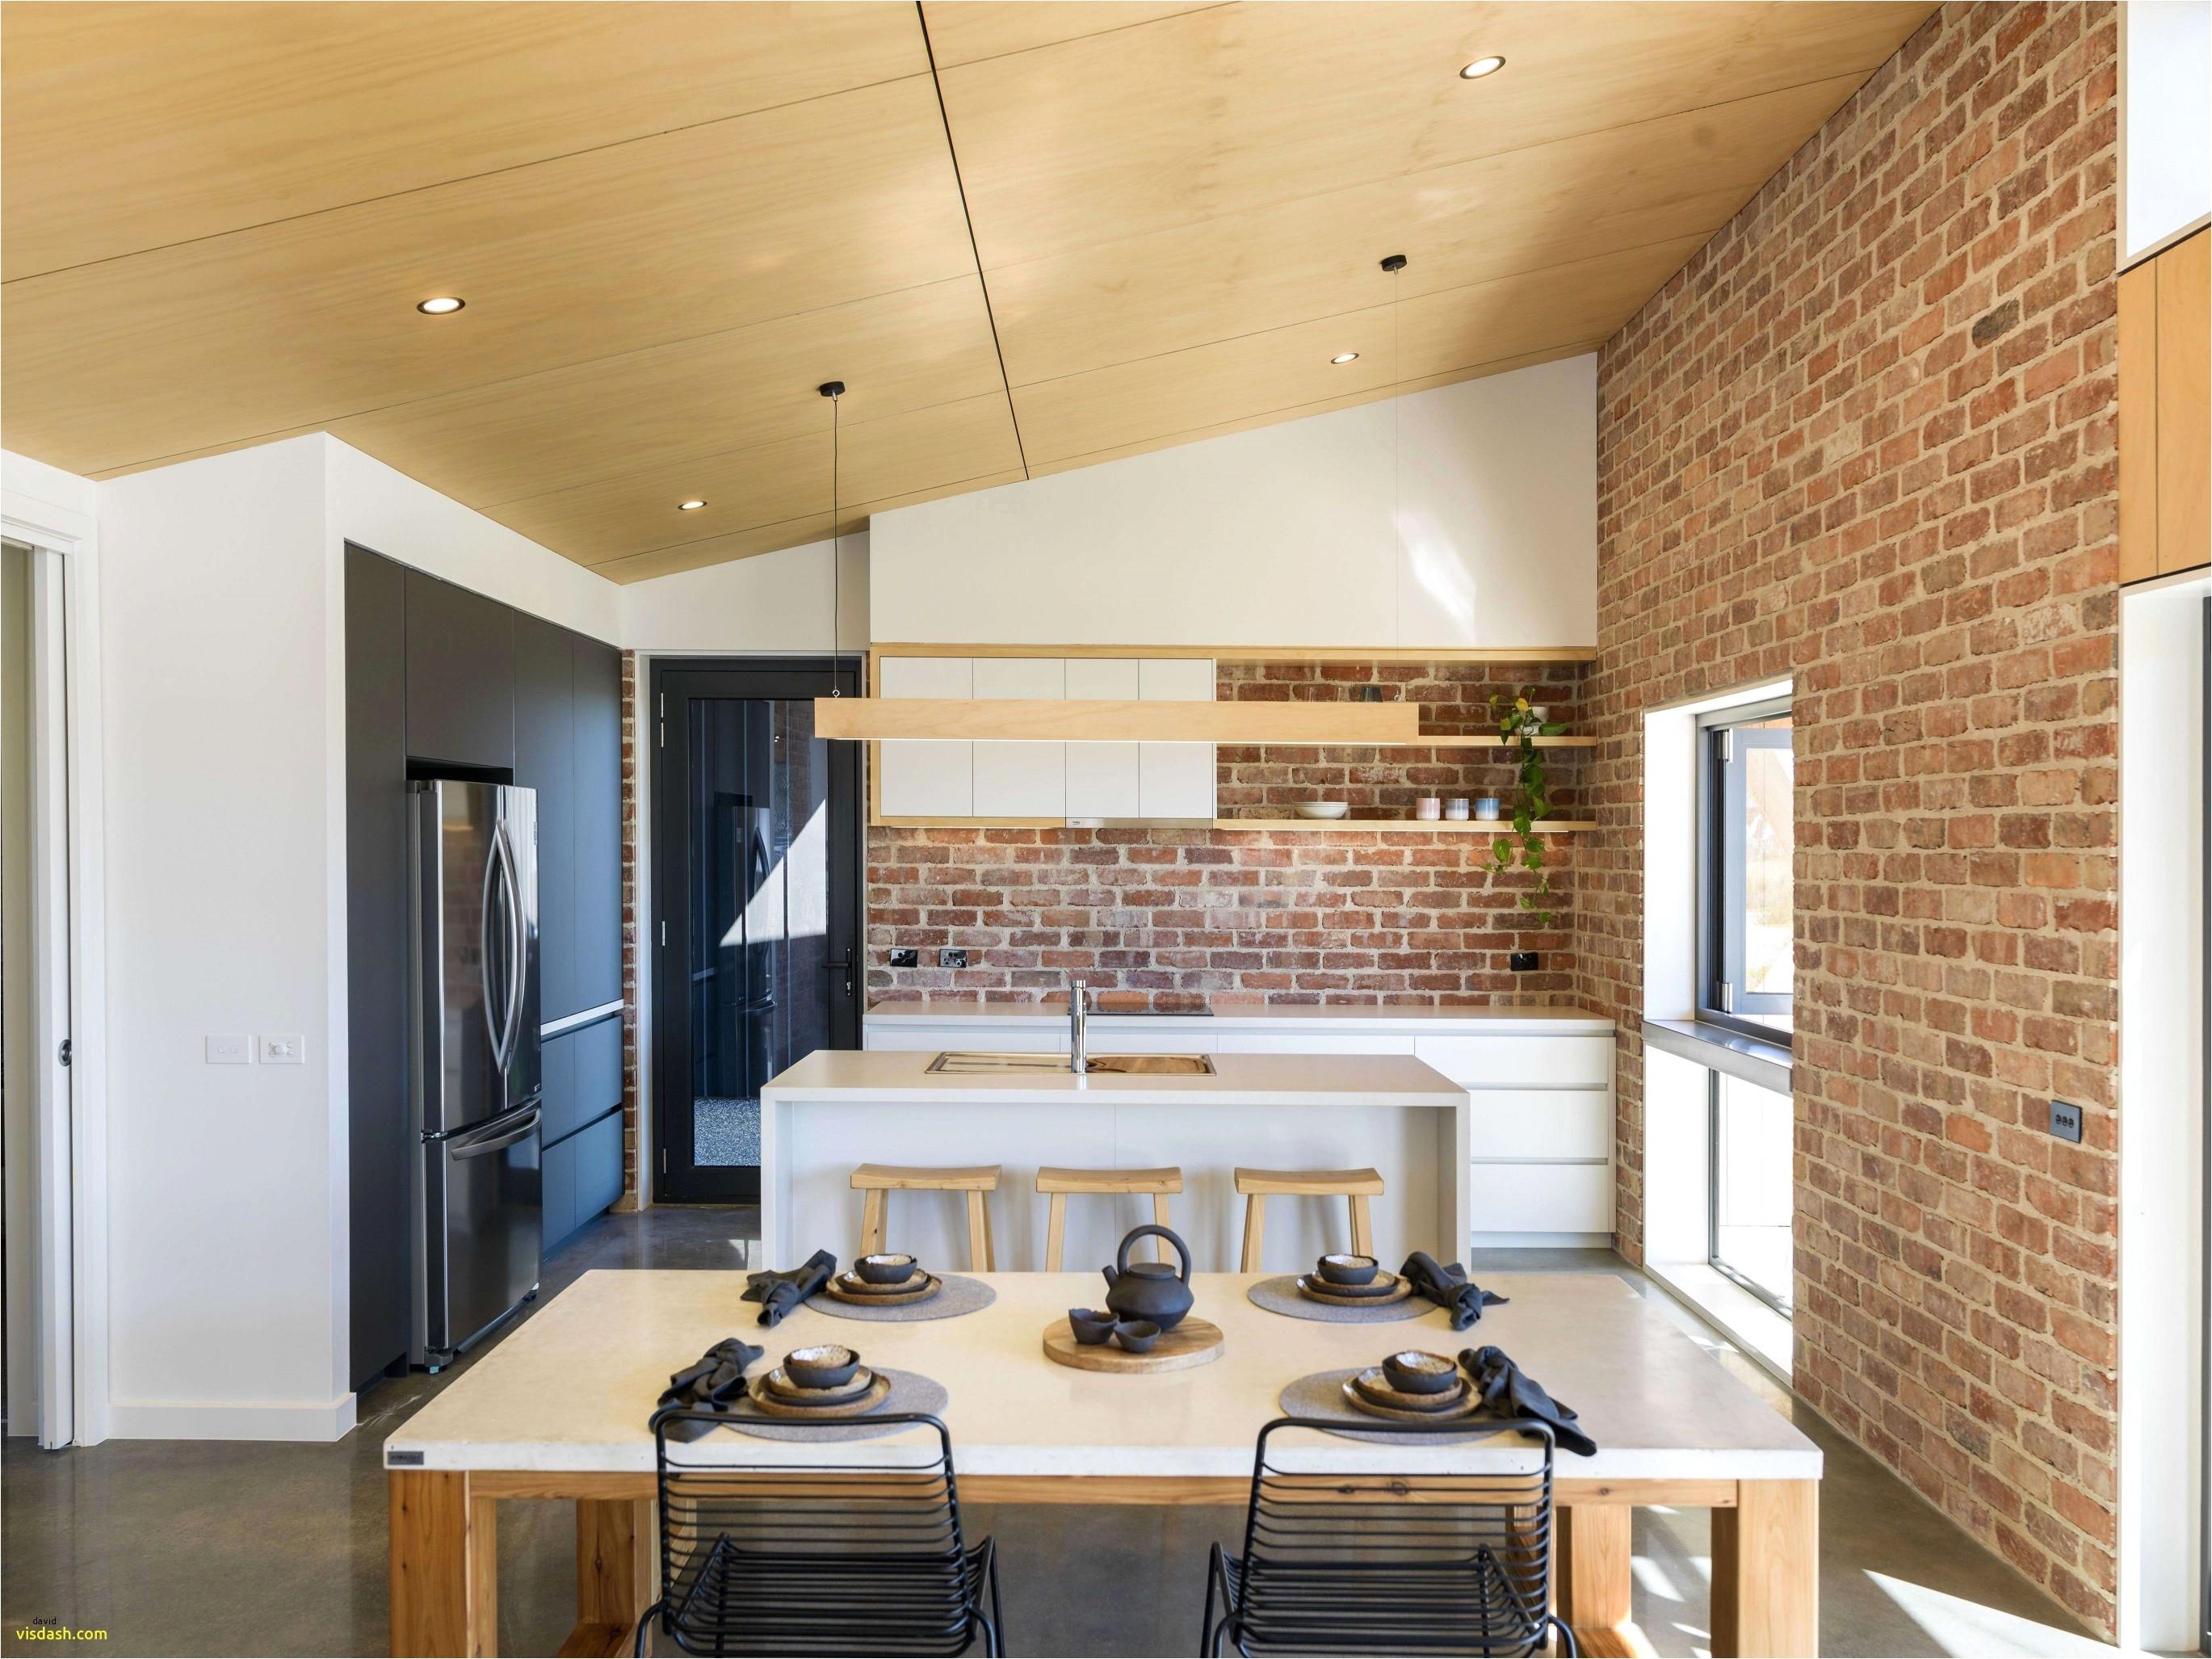 kitchen decor ideas best kitchen decor items new kitchen zeev kitchen zeev kitchen 0d design nice